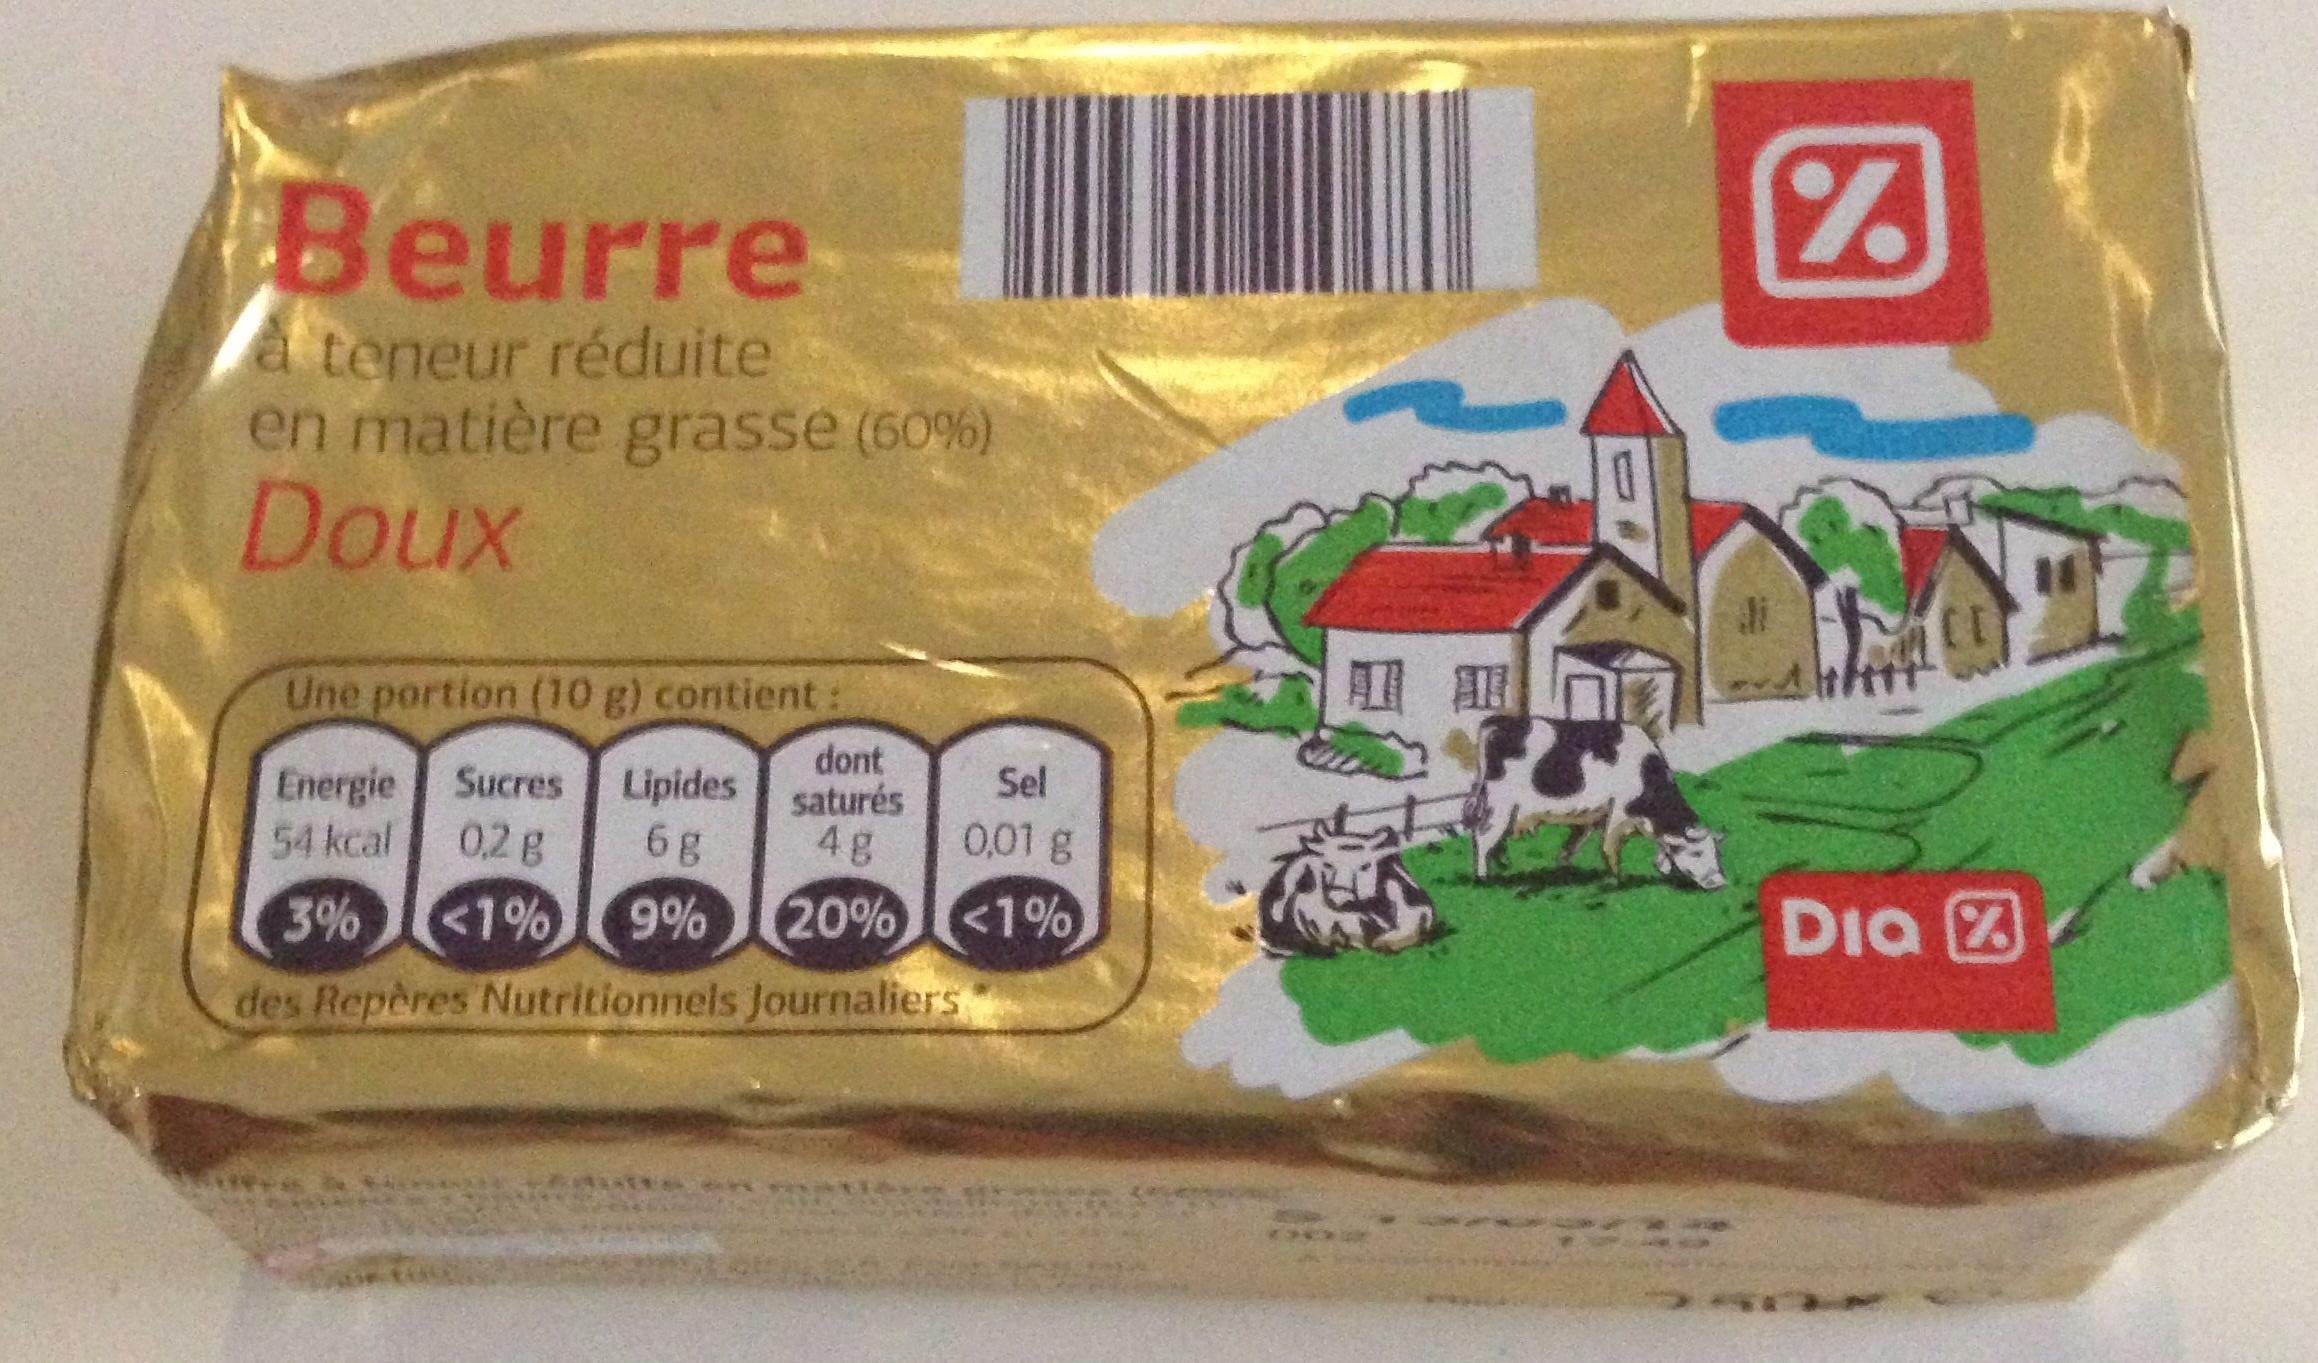 Beurre à Teneur Réduite en Matière Grasse (60%) Doux - Product